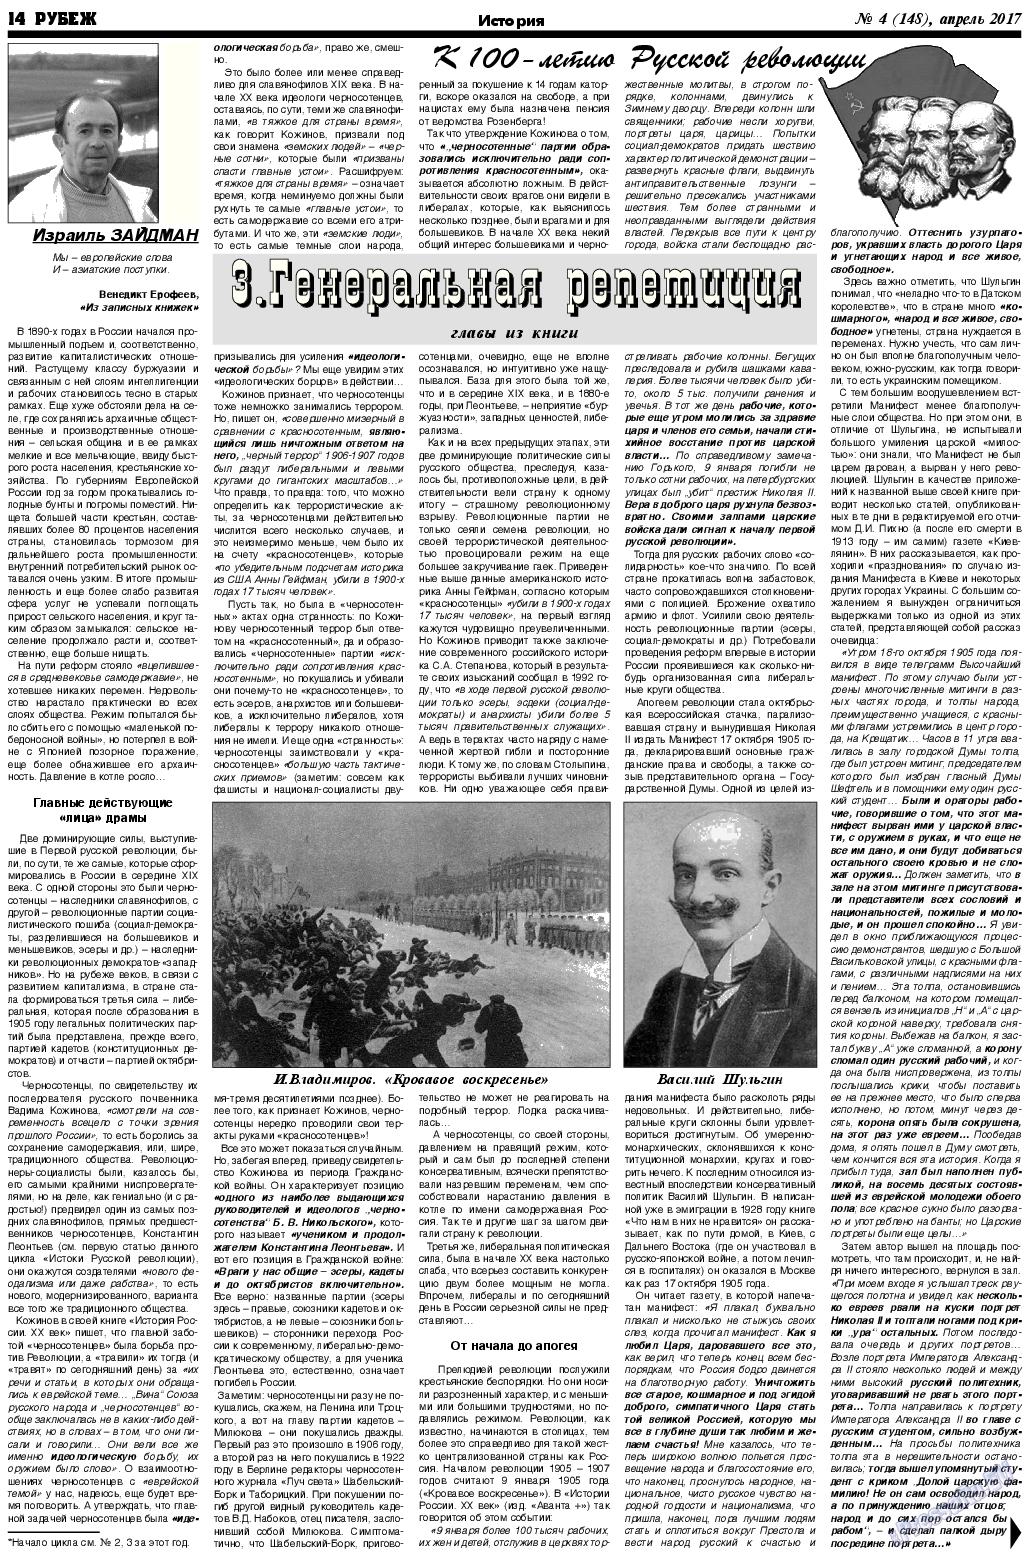 Рубеж (газета). 2017 год, номер 4, стр. 14